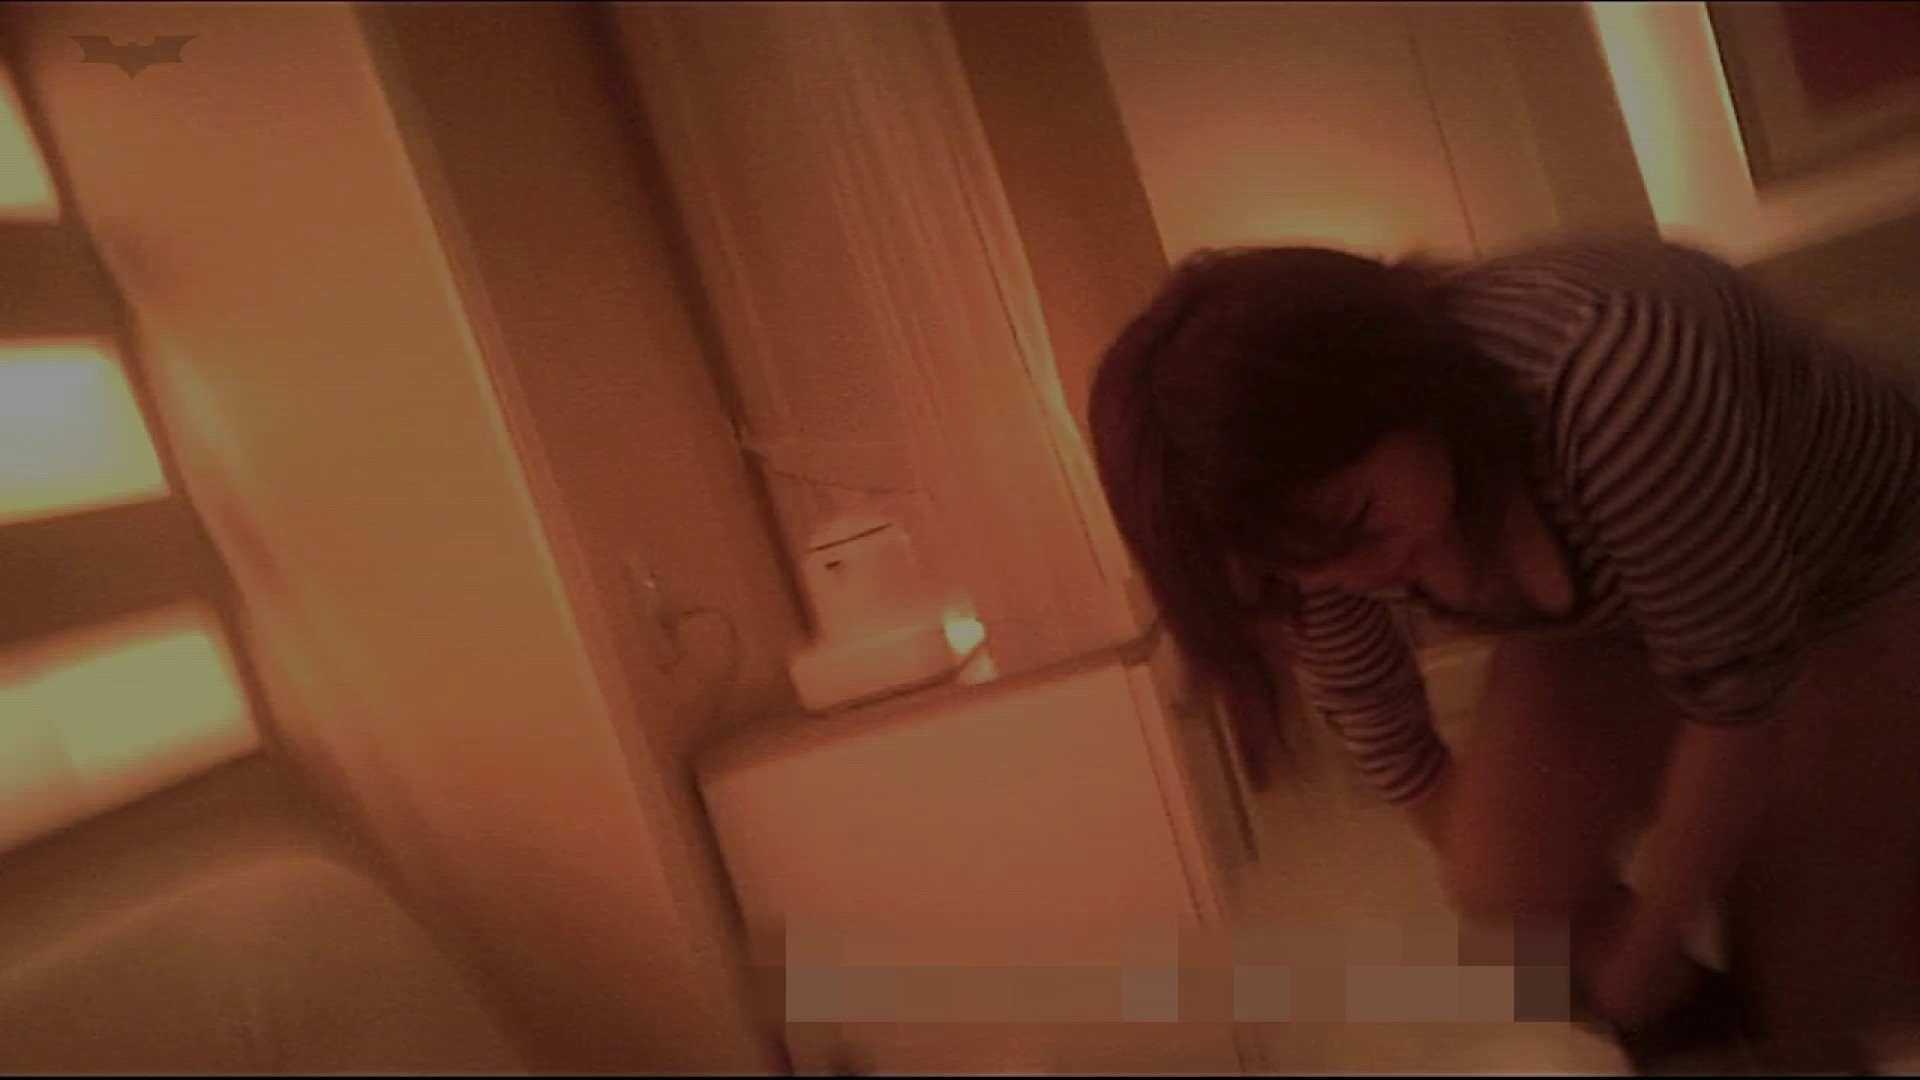 爆乳!!教育学部 じゅんちゃん  Vol.31 脱衣編 ギャル攻め セックス画像 50画像 2